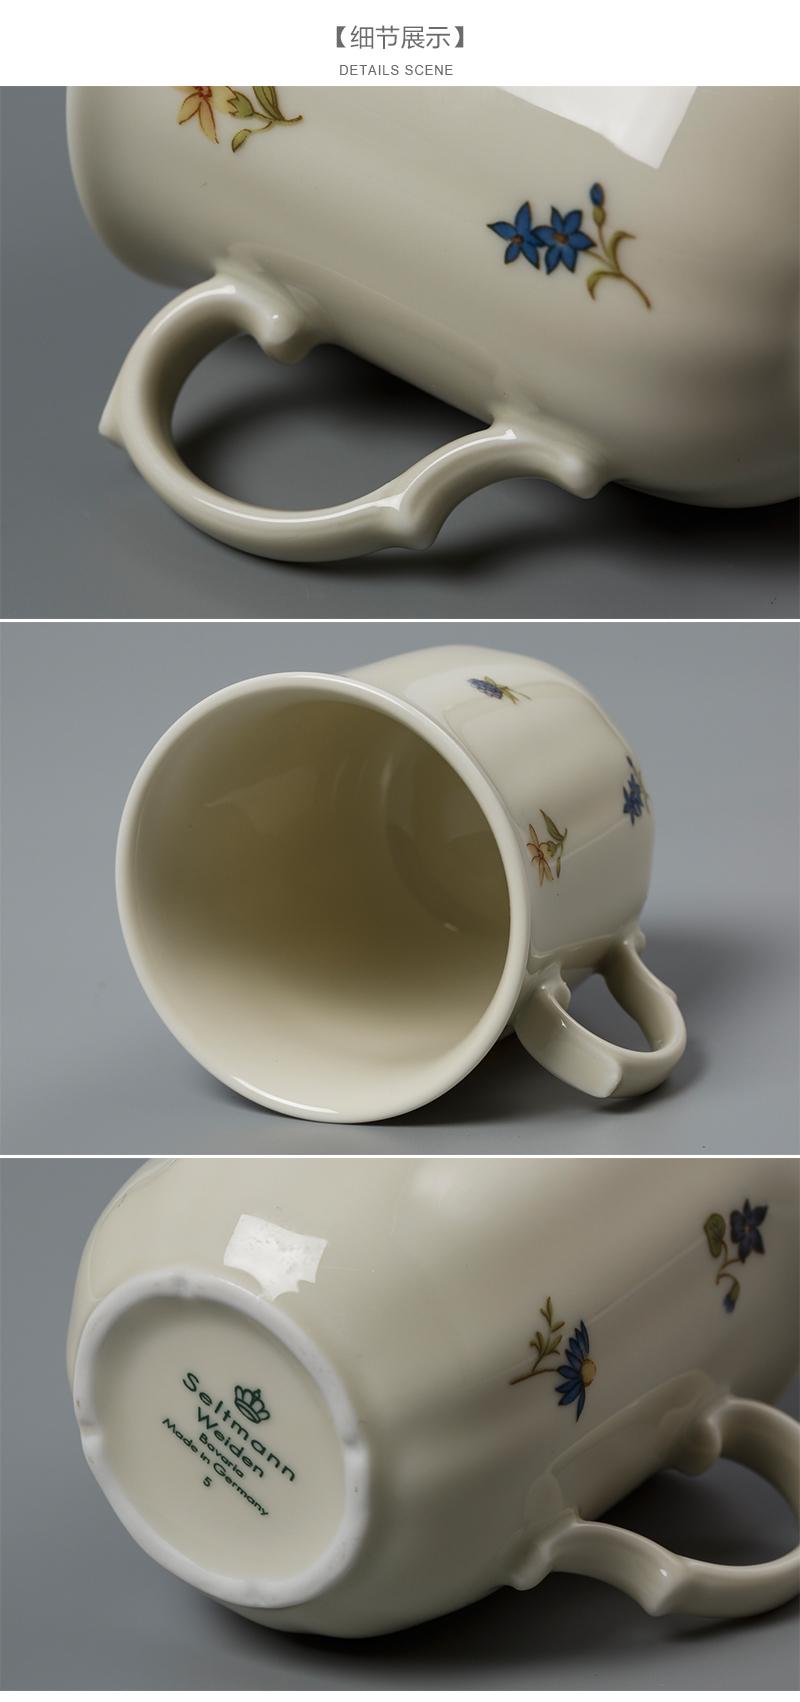 德国原产Seltmann Weiden陶瓷茶杯水杯咖啡杯细节展示